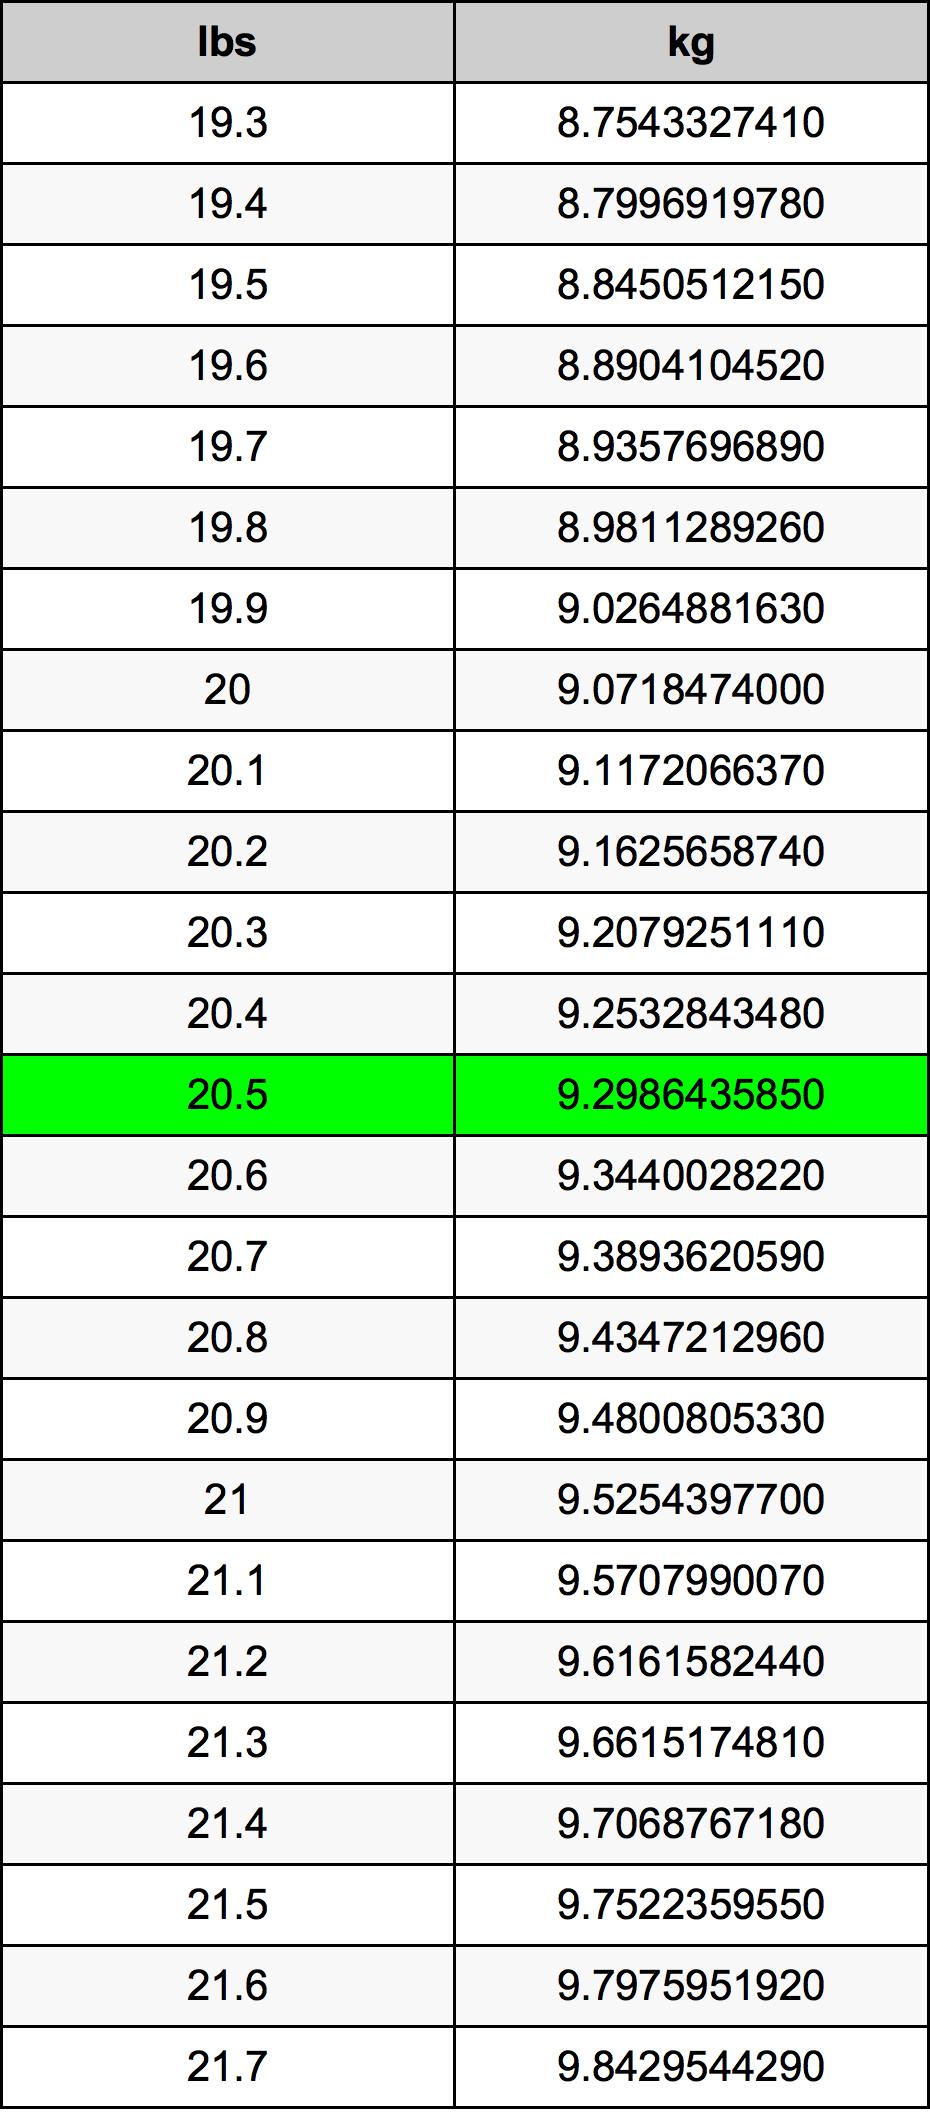 20.5 Libra tabela de conversão